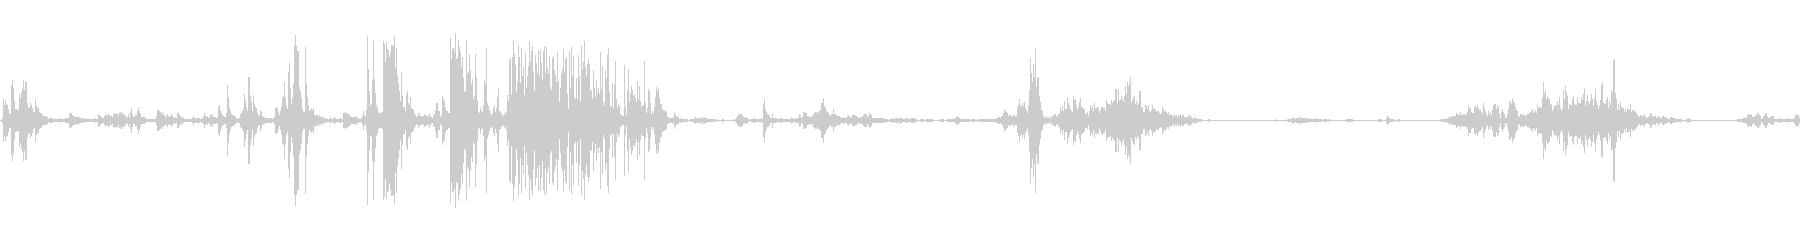 食べる音04(ポテトチップスなど)の未再生の波形